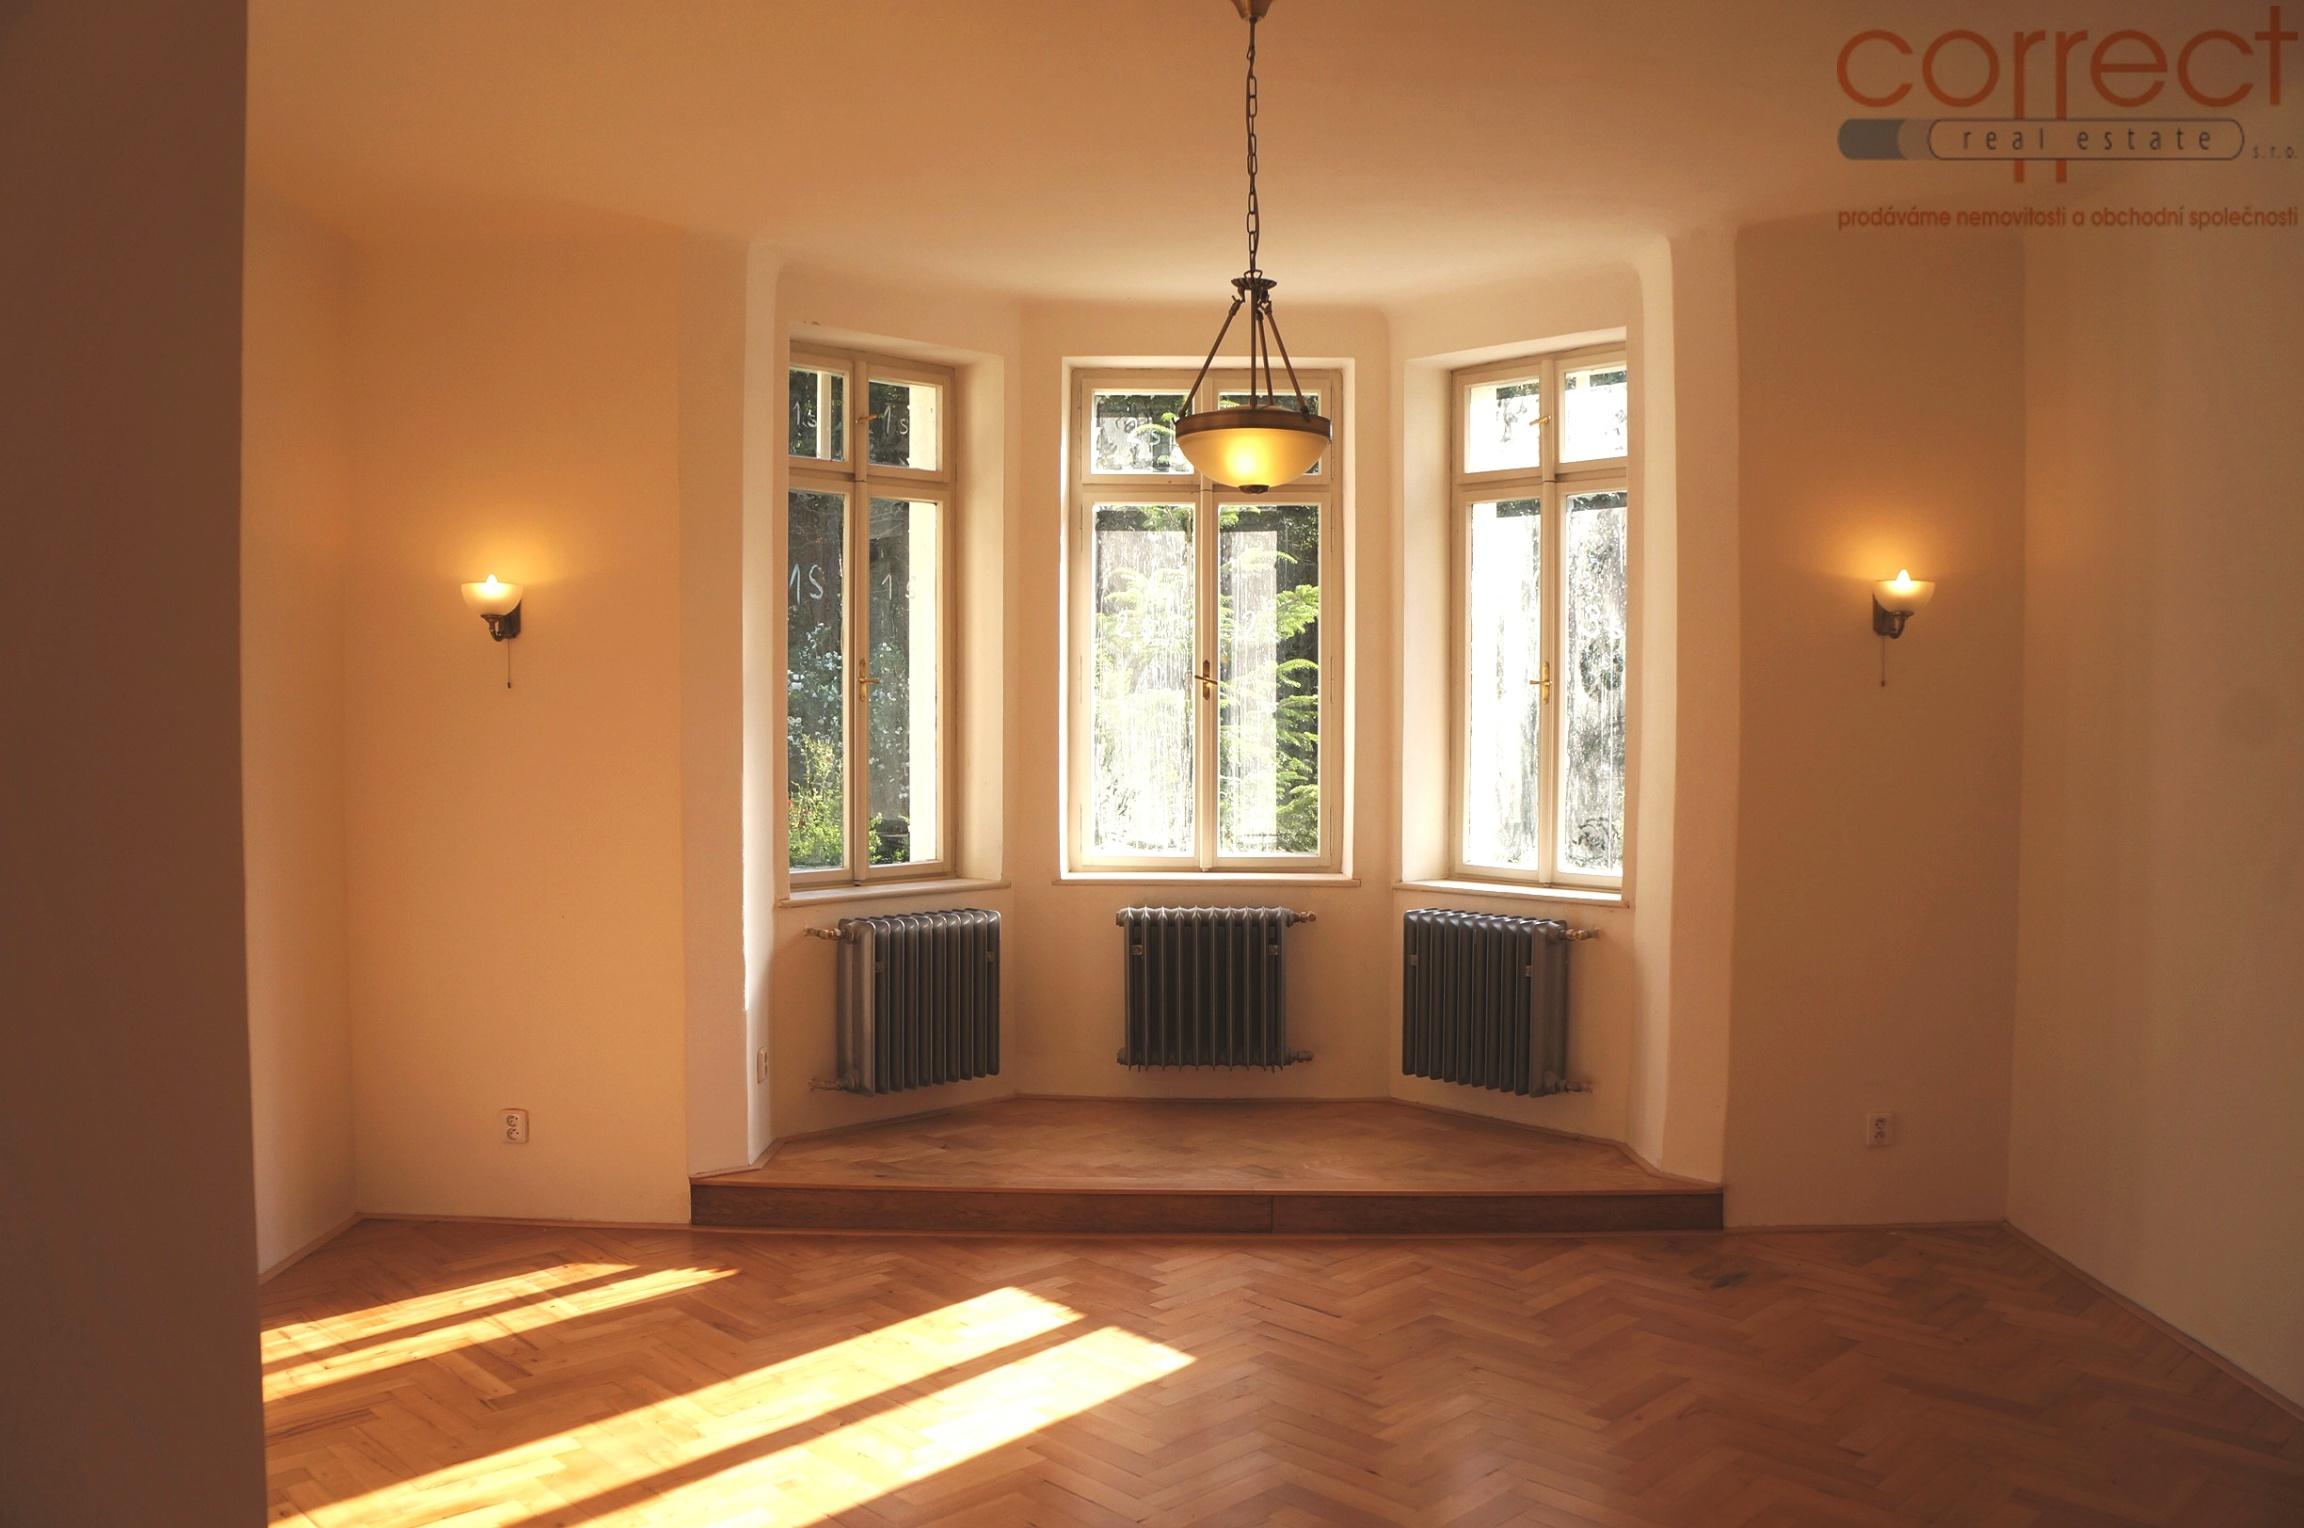 Pronájem bytu 3+kk na ulici Krondlova s výhledem na les, Brno-Žabovřesky